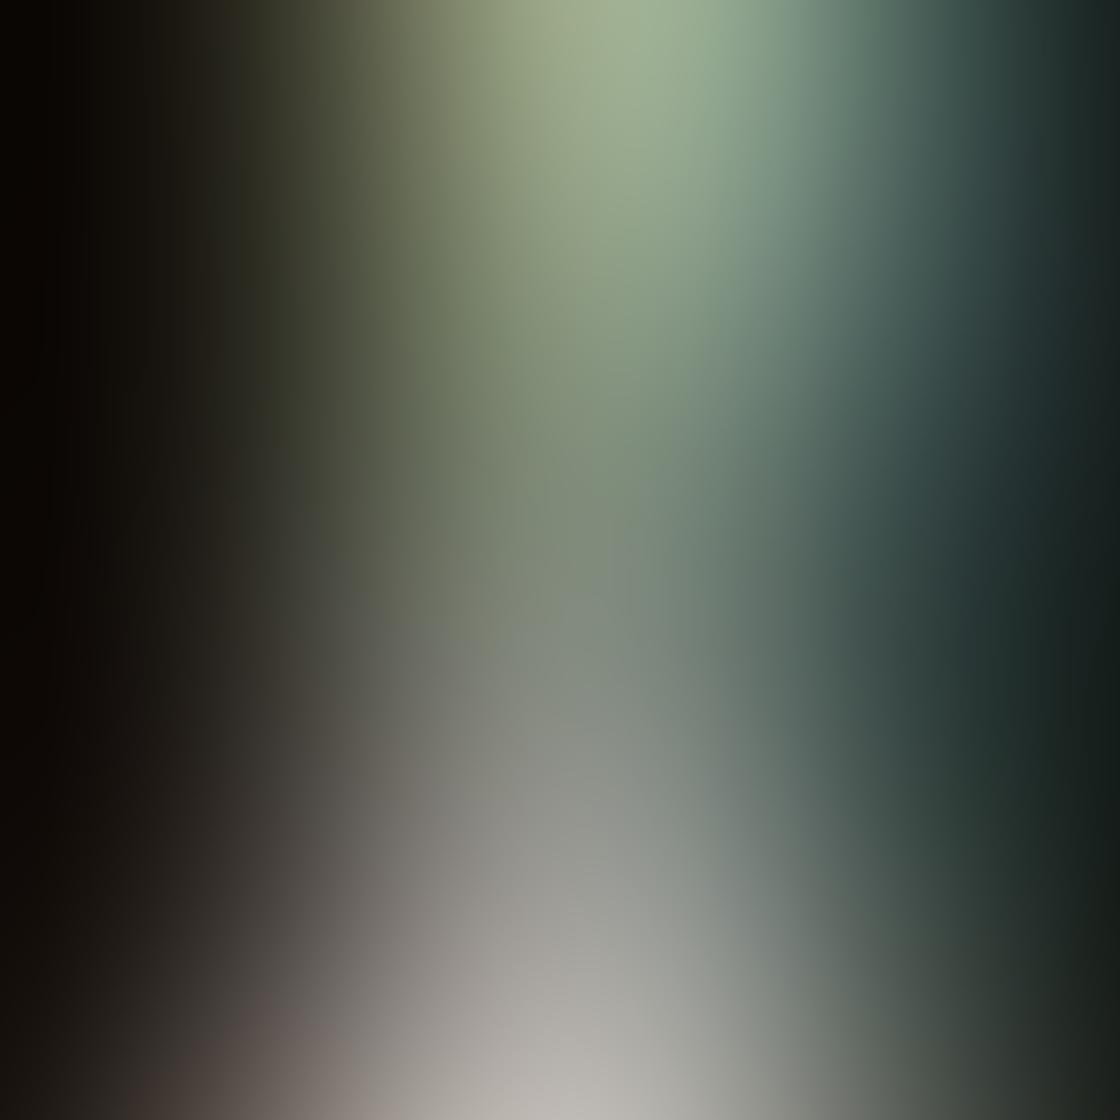 iPhone Photos Portrait Backgrounds 51